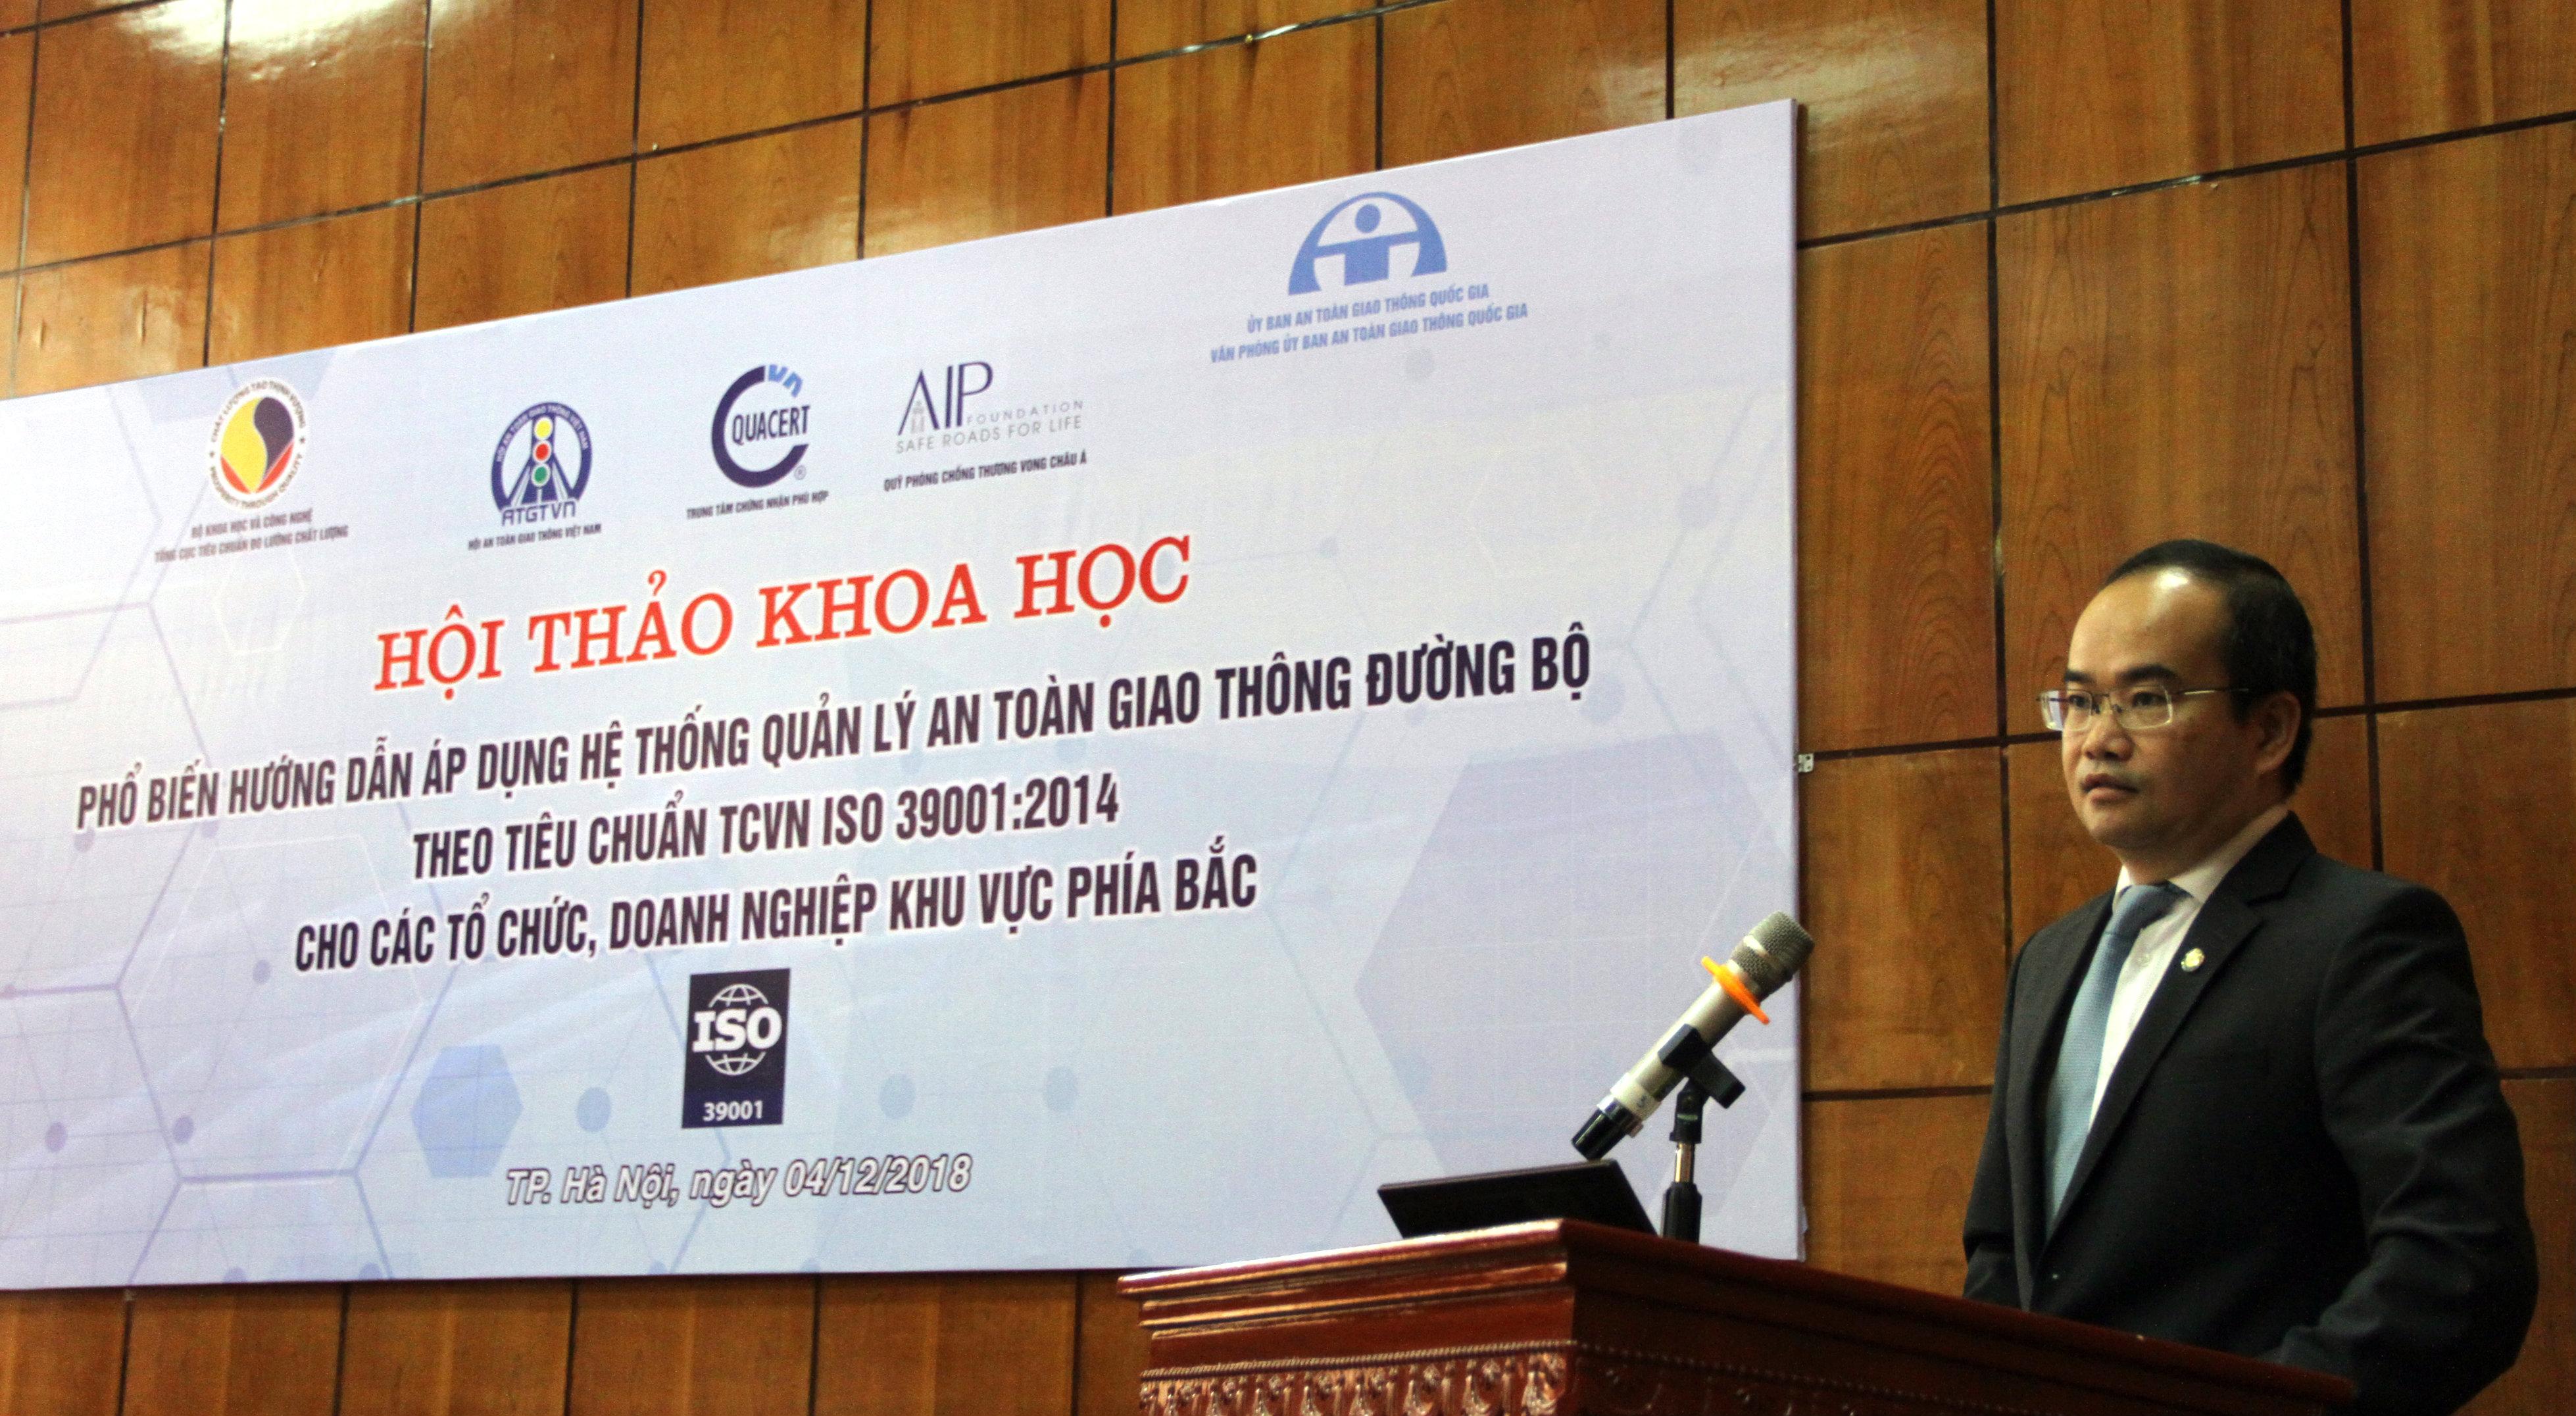 TCVN ISO 39001:2014: Giải pháp giảm thiểu tai nạn giao thông đường bộ tại Việt Nam